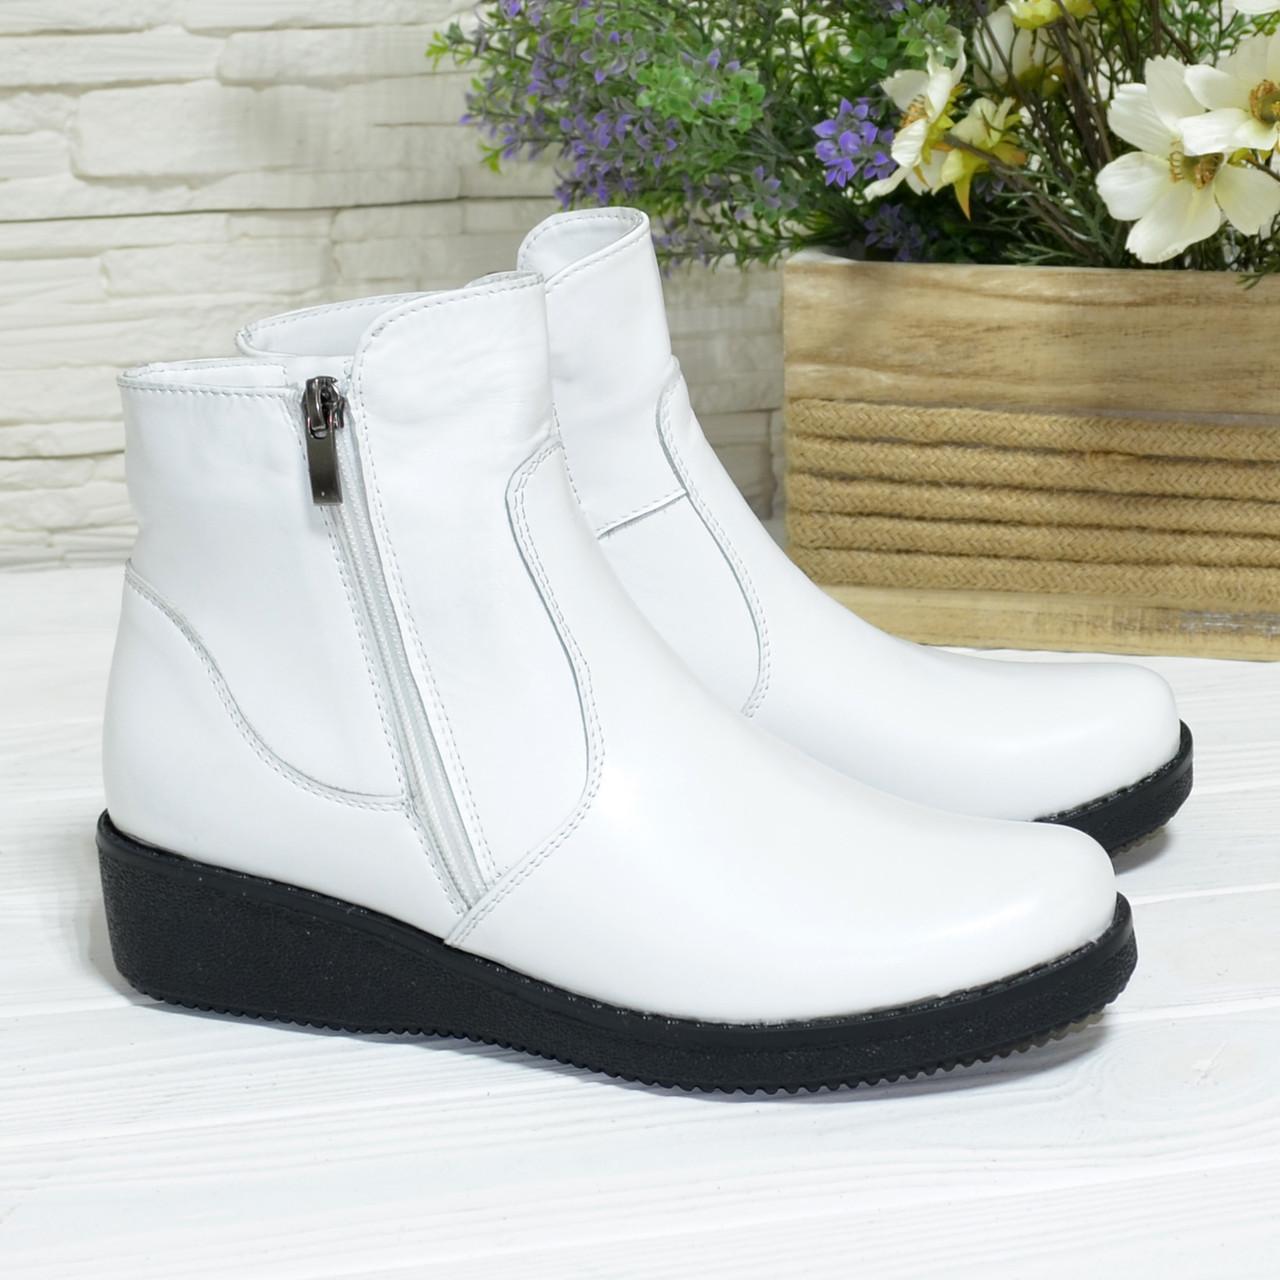 Ботинки женские кожаные на невысокой танкетке, цвет белый